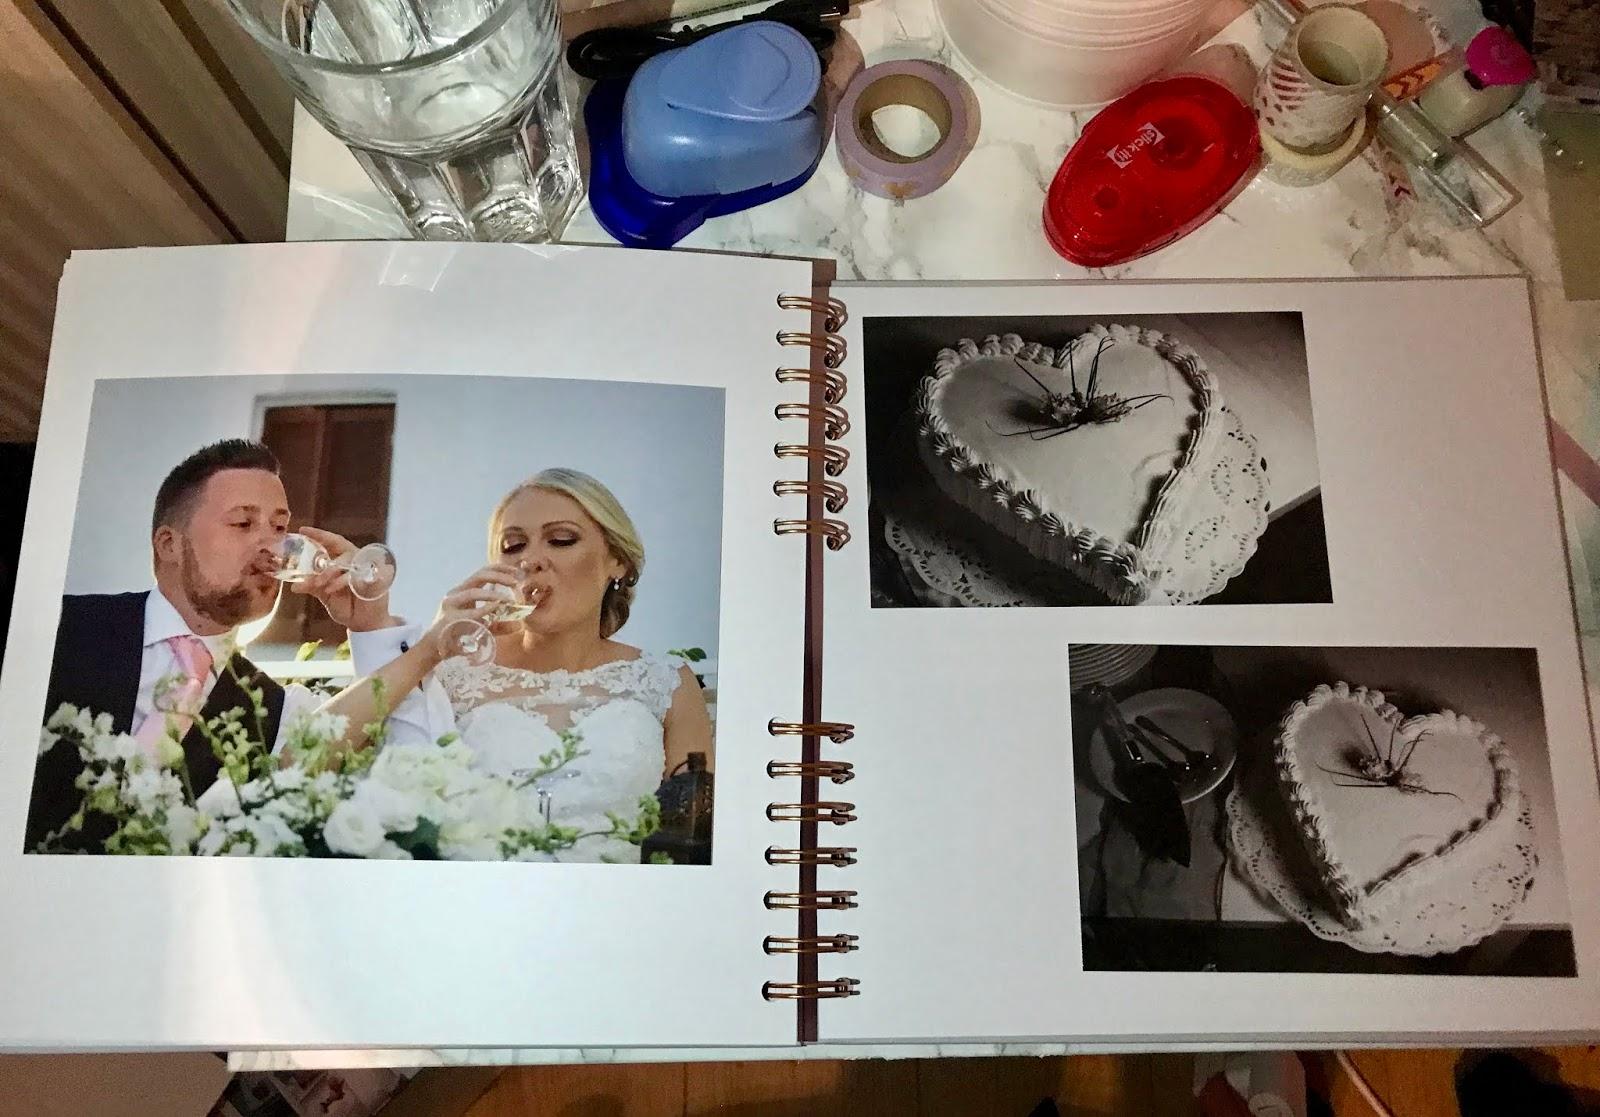 scrapbooking, scrapbook, crafts, crafting, hobbies